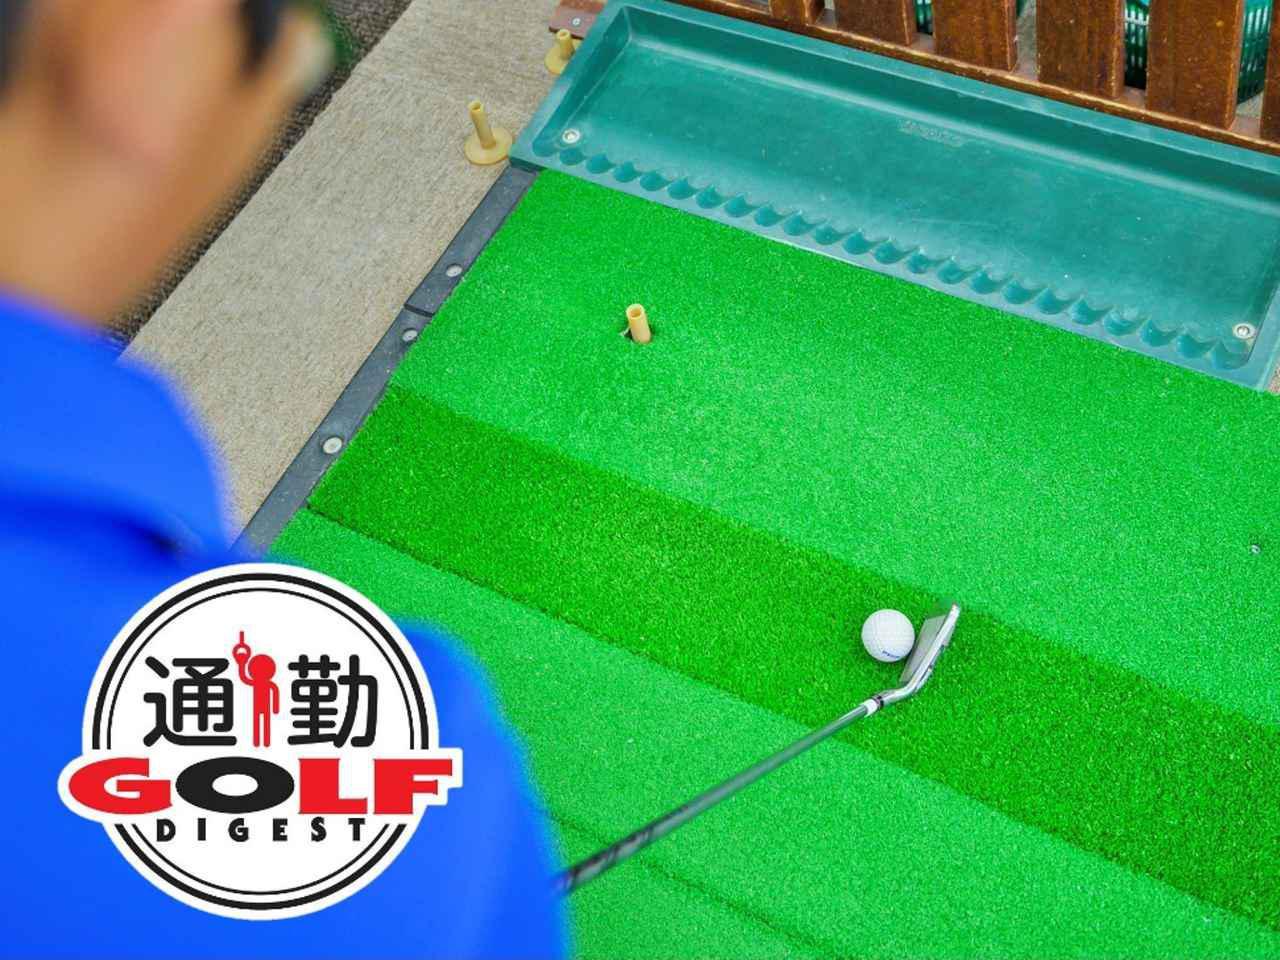 画像: 【通勤GD】時松隆光プロを育てた異次元打法「みんなの桜美式」Vol.34 シャフトは「先調子」で。 ゴルフダイジェストWEB - ゴルフへ行こうWEB by ゴルフダイジェスト